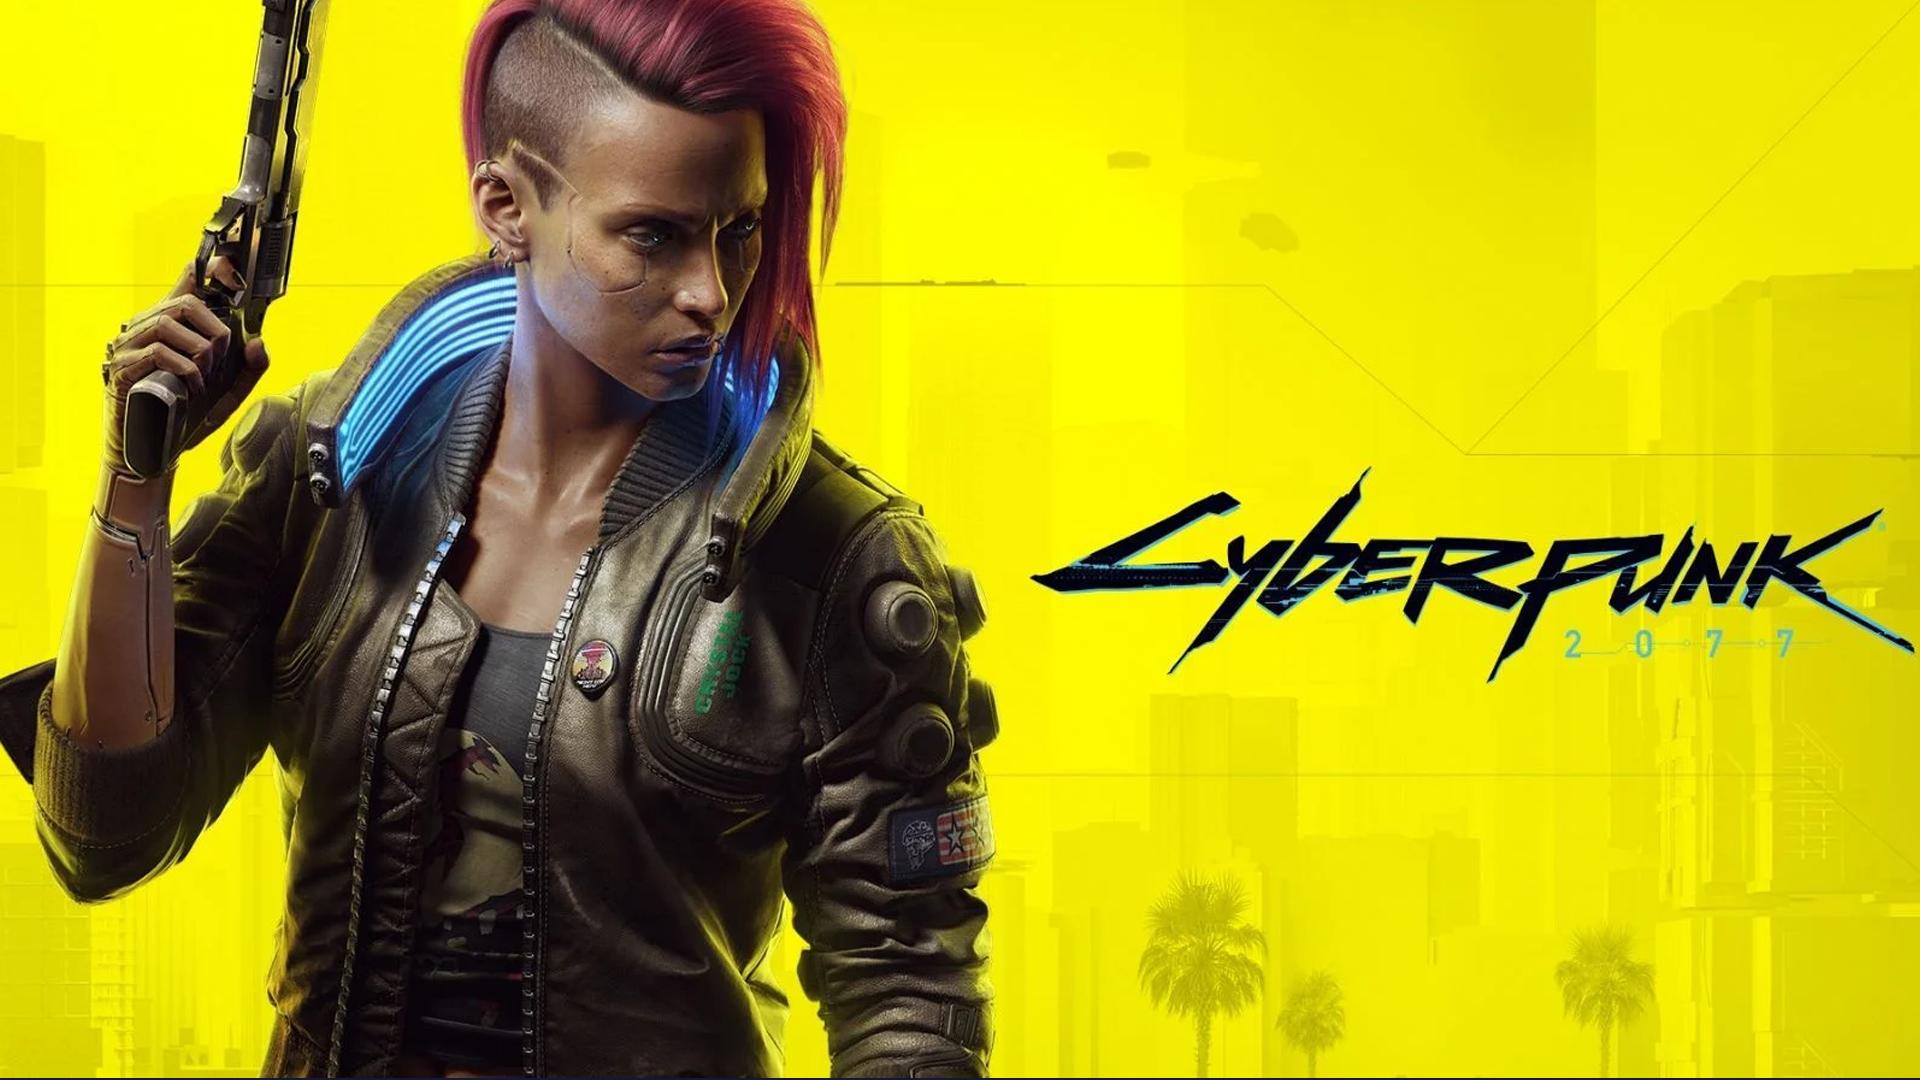 Le paramètre Cyberpunk 2077 aide les créateurs de contenu à éviter les grèves pour droits d'auteur